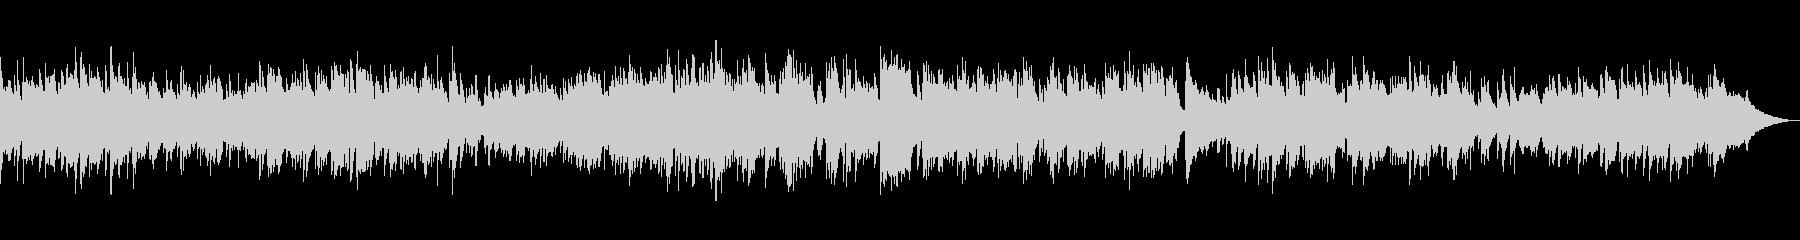 『広い河の岸辺』ピアノソロ演奏の未再生の波形